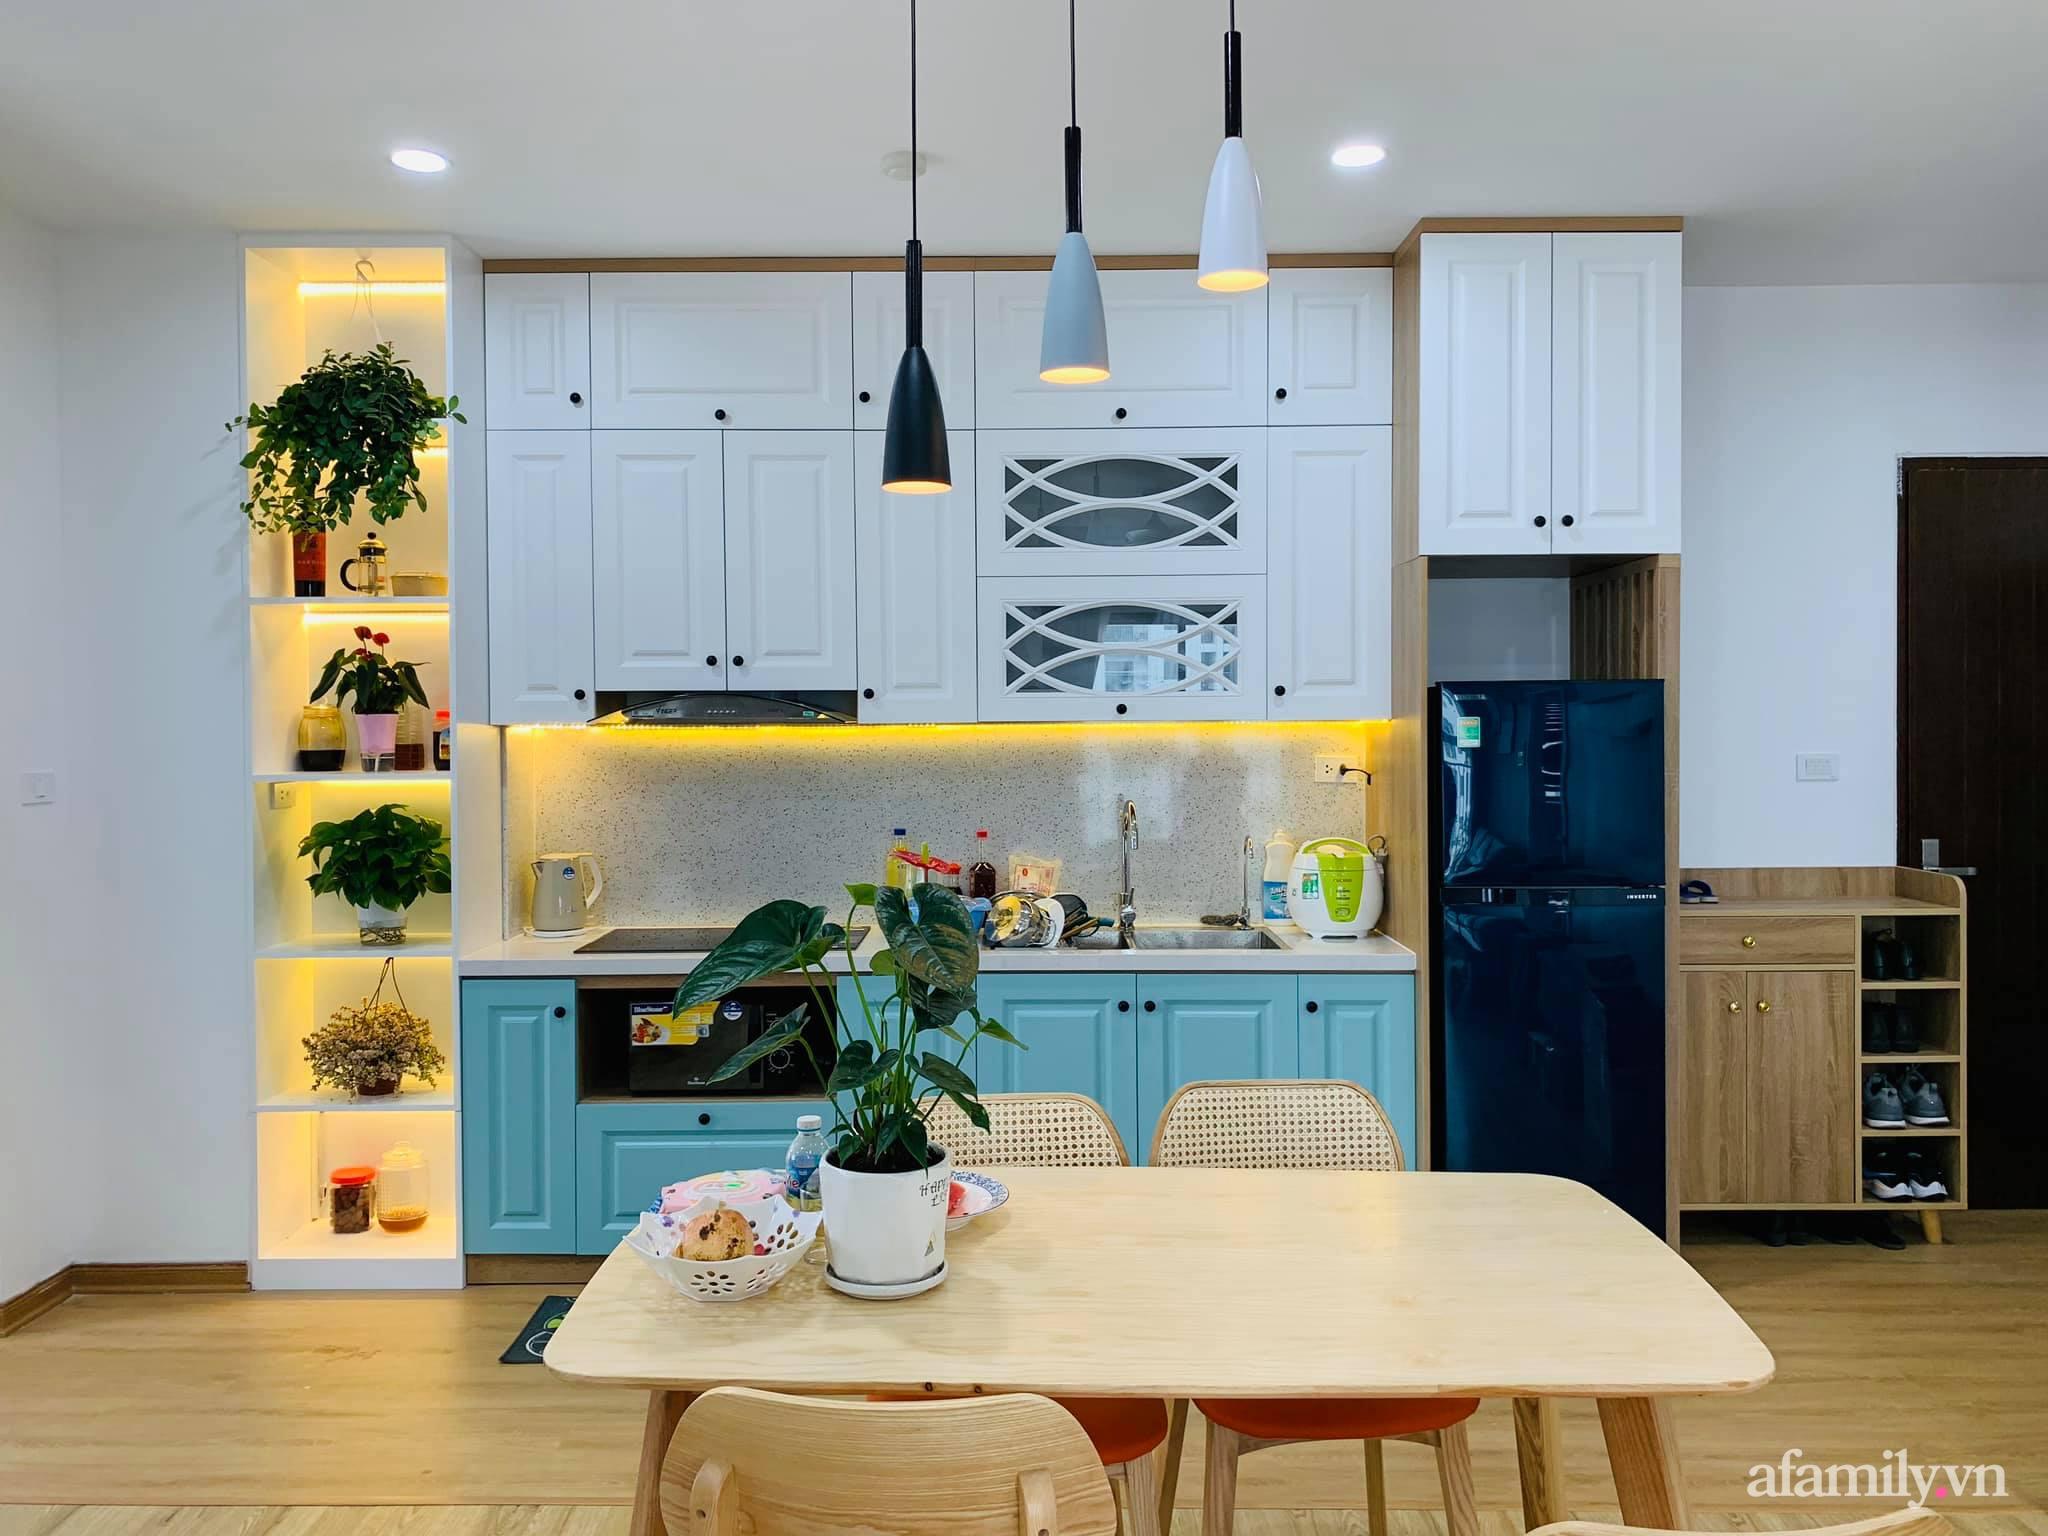 Nhà ở xã hội 69m² siêu ấm áp và tiện ích có chi phí cải tạo 200 triệu đồng của cặp vợ chồng 9X ở Từ Liêm, Hà Nội - Ảnh 11.